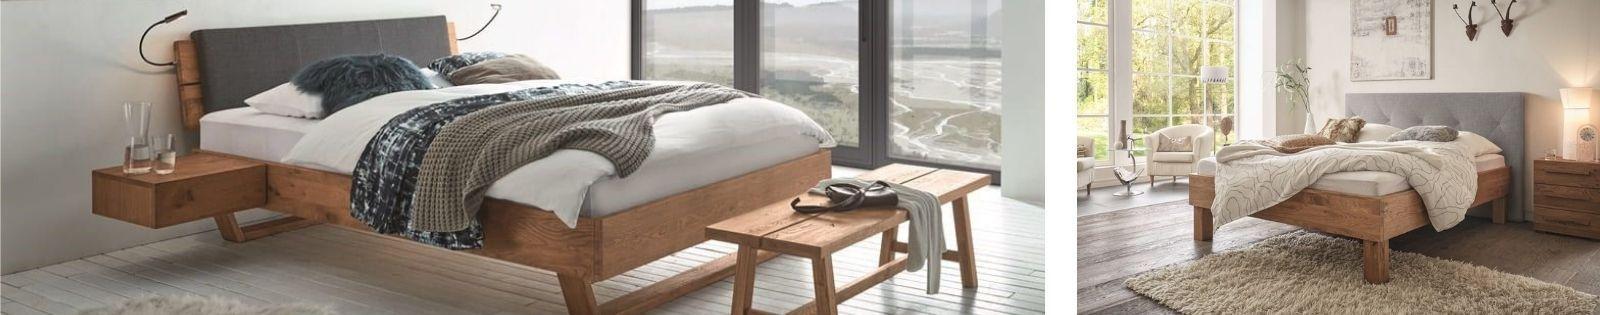 Gamme OAK WILD Hasena, meubles en chêne massif noueux et sauvage.